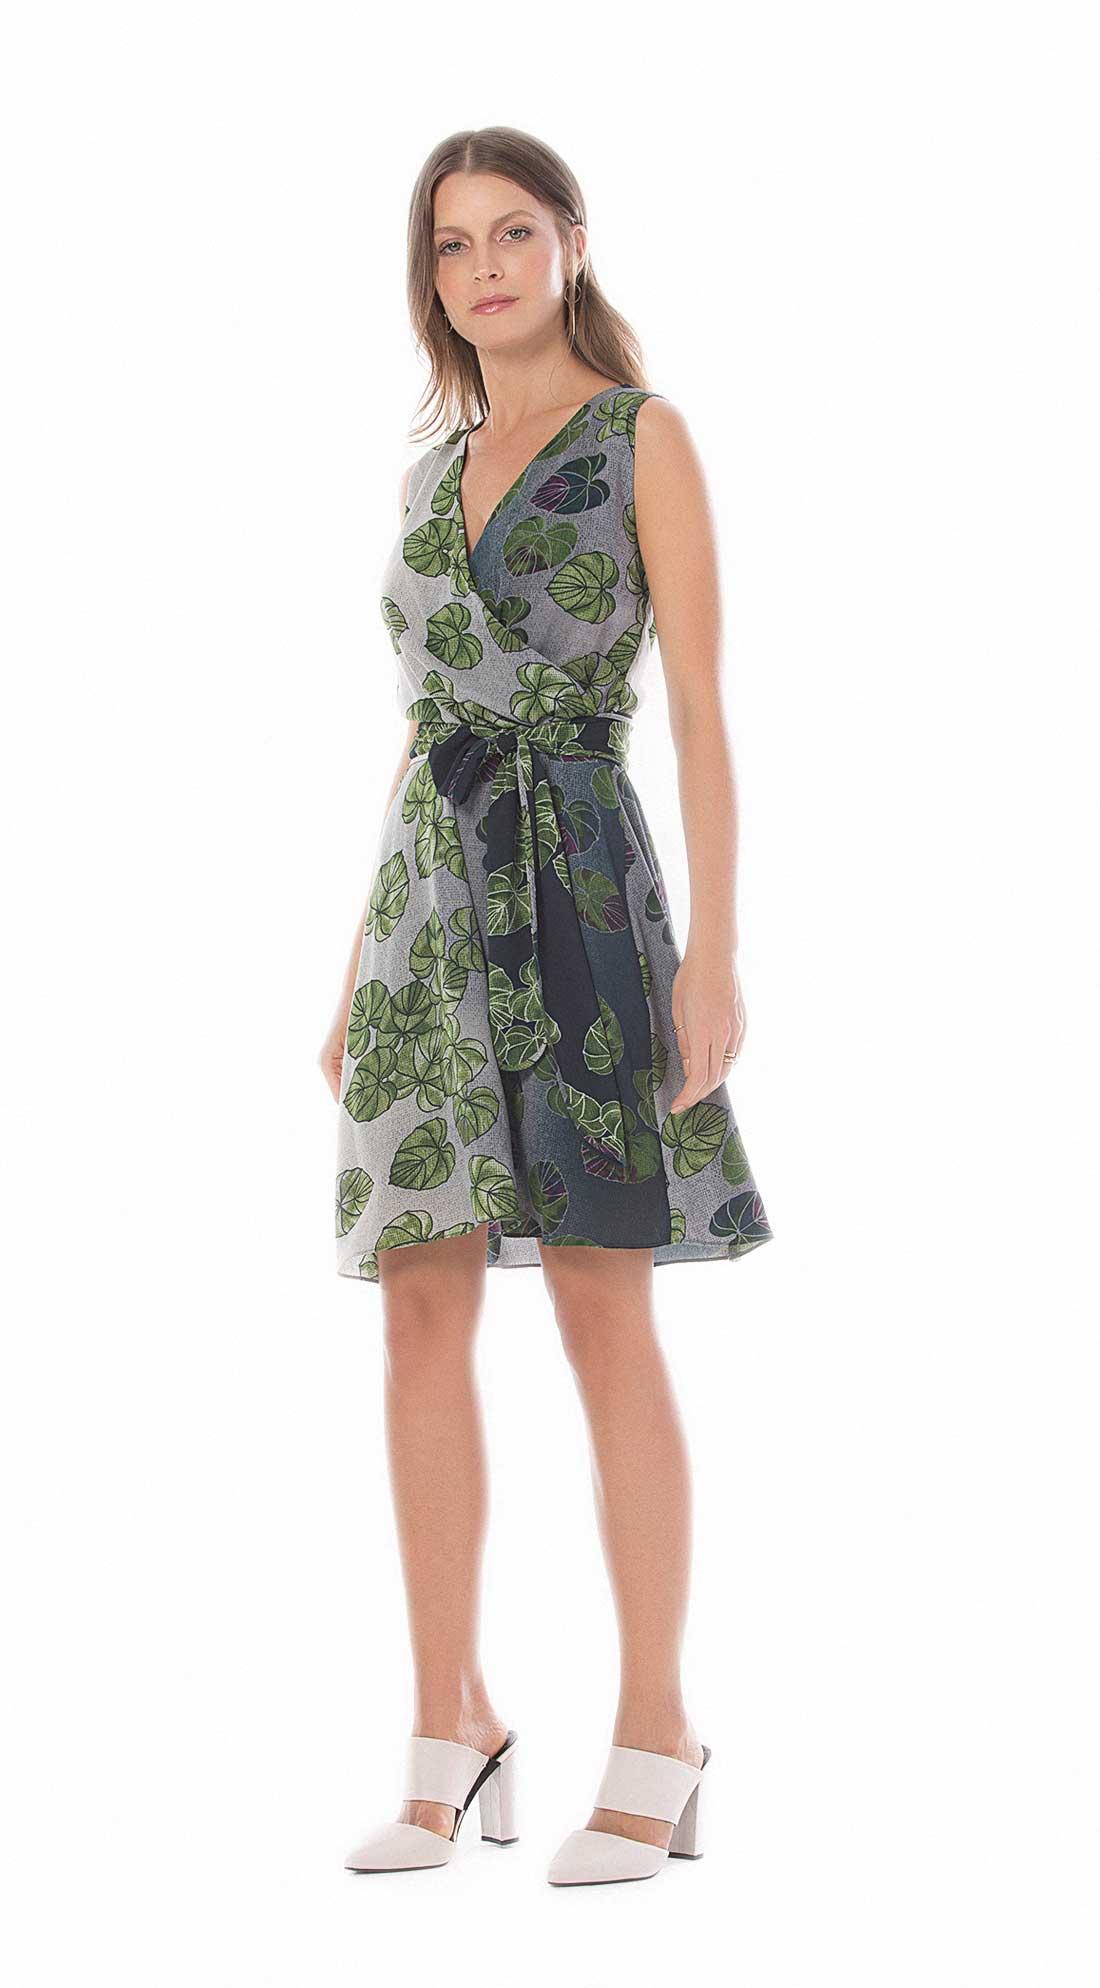 f83ccd3c6e Vestido Curto Decote Transpassado Com Faixa Verde - Maria Valentina